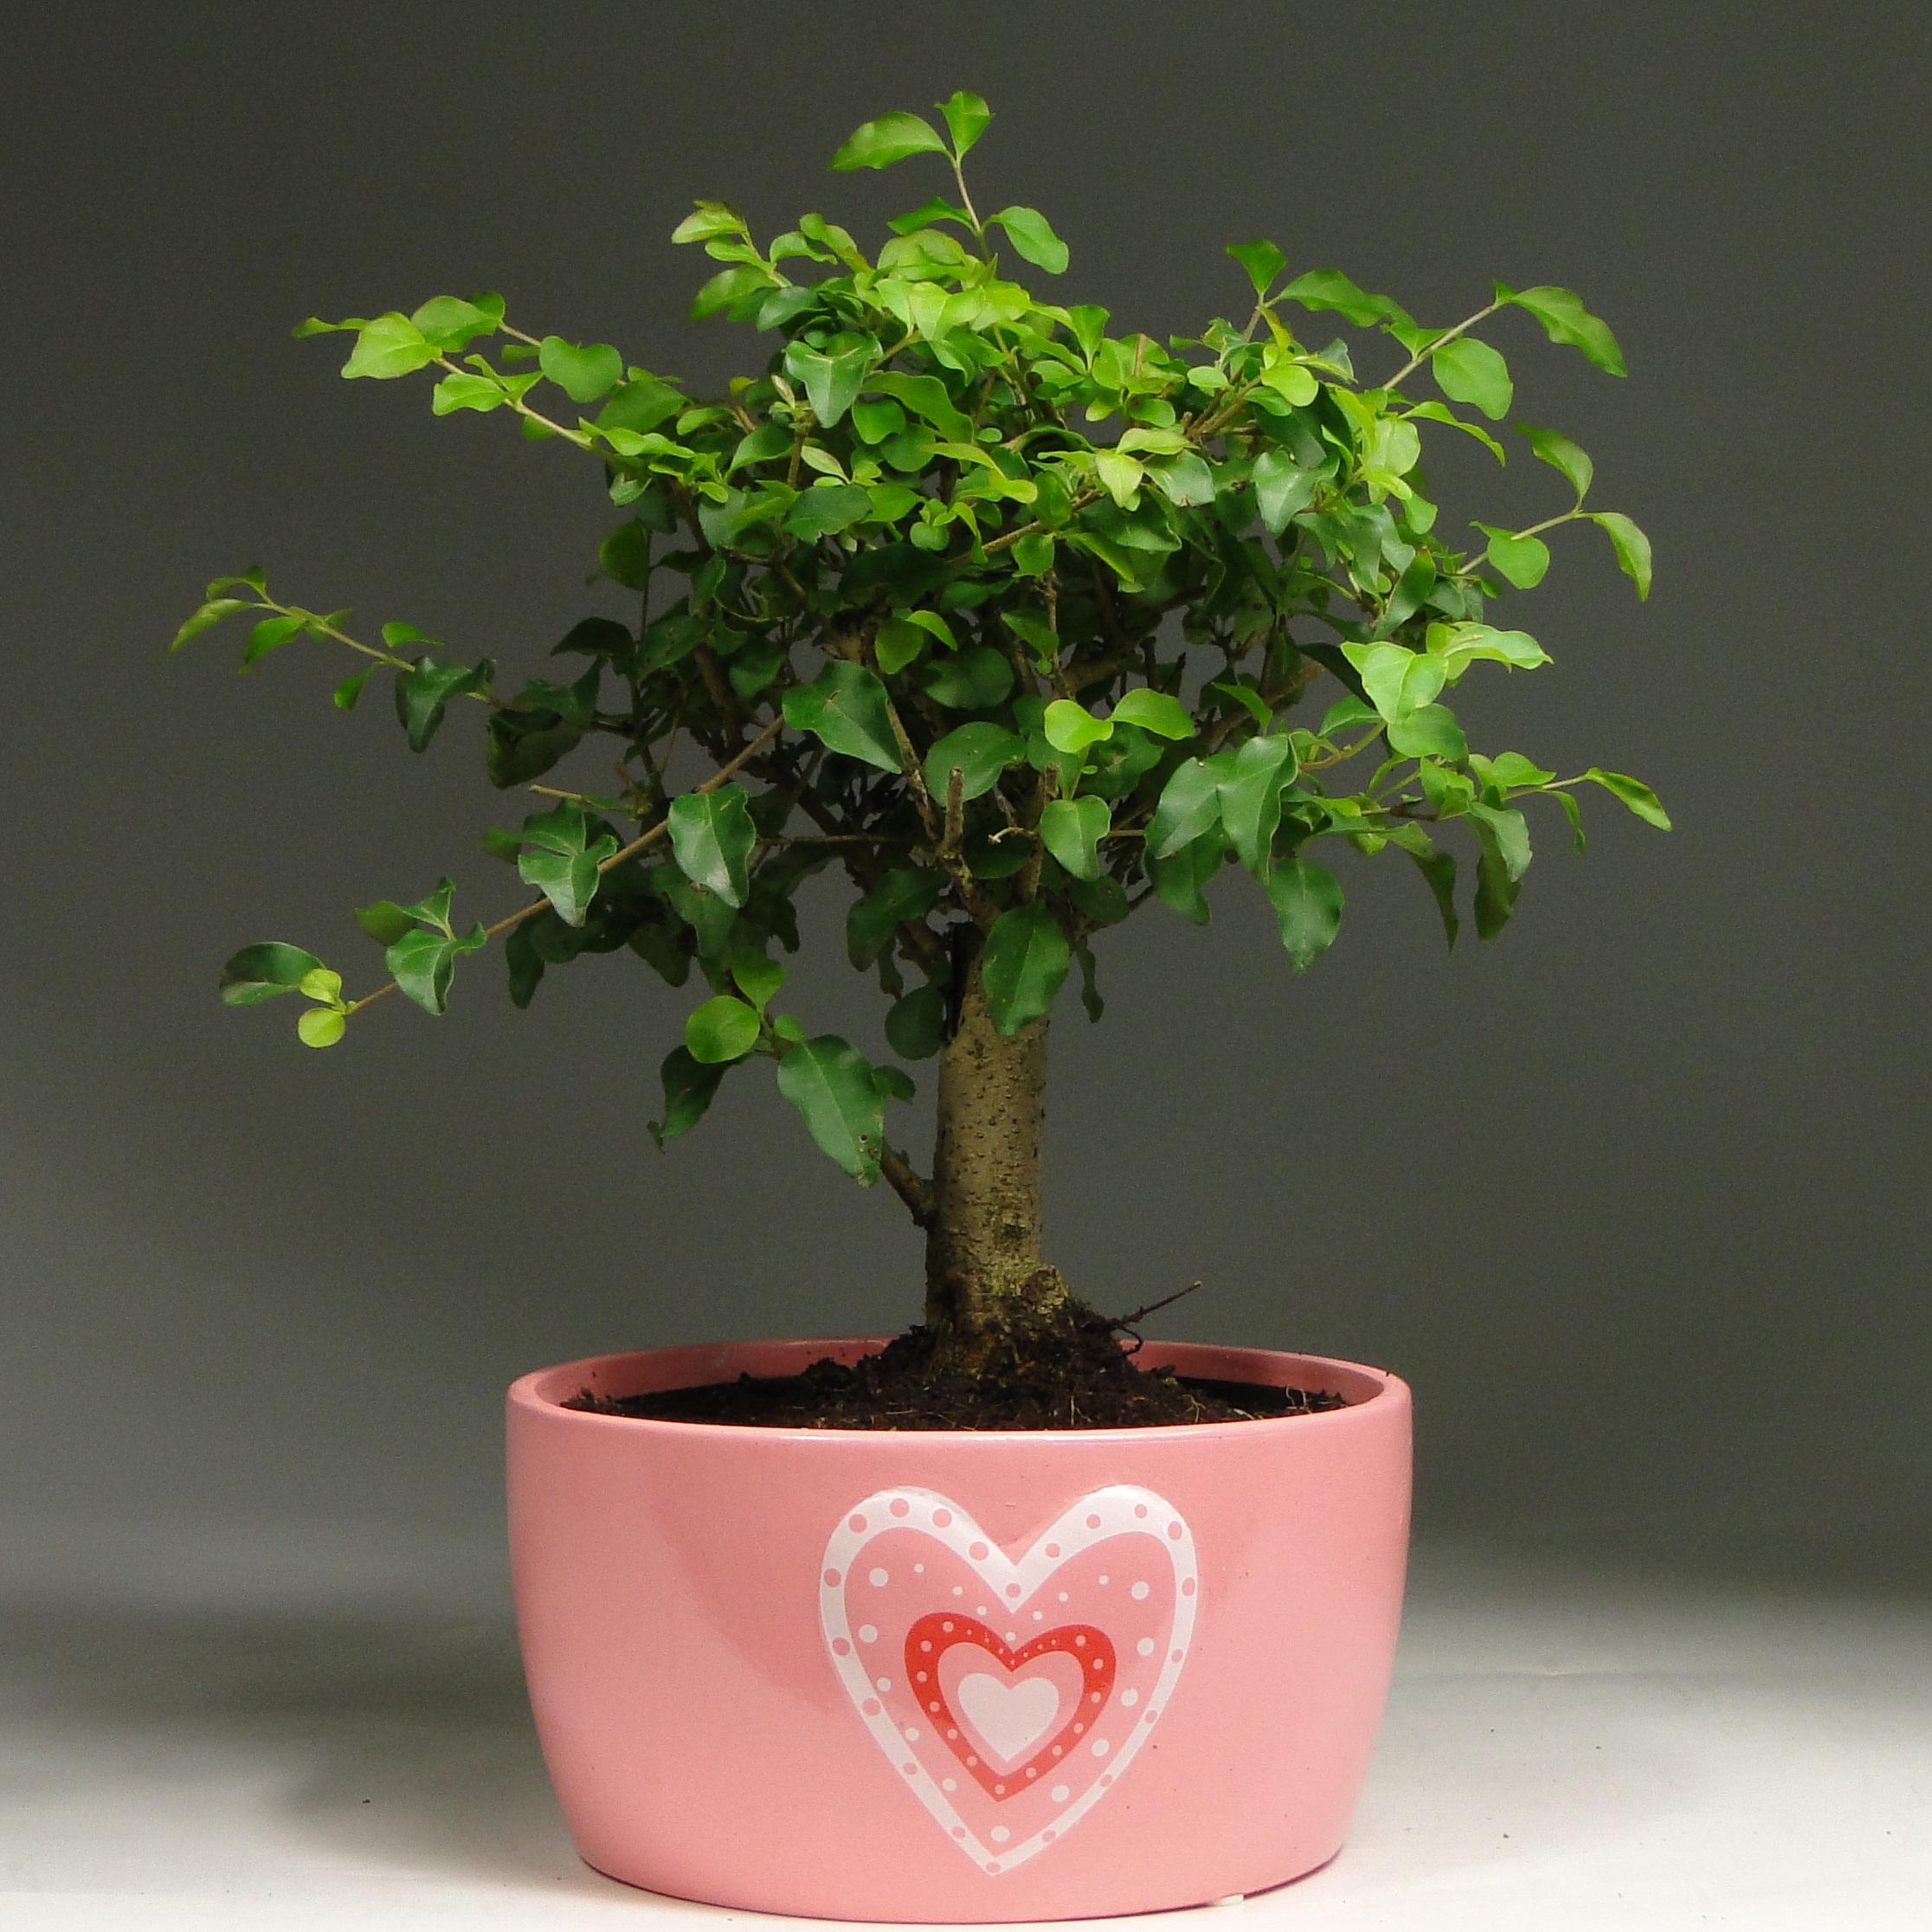 Бонсай лигуструм в Heart керамике 30 см